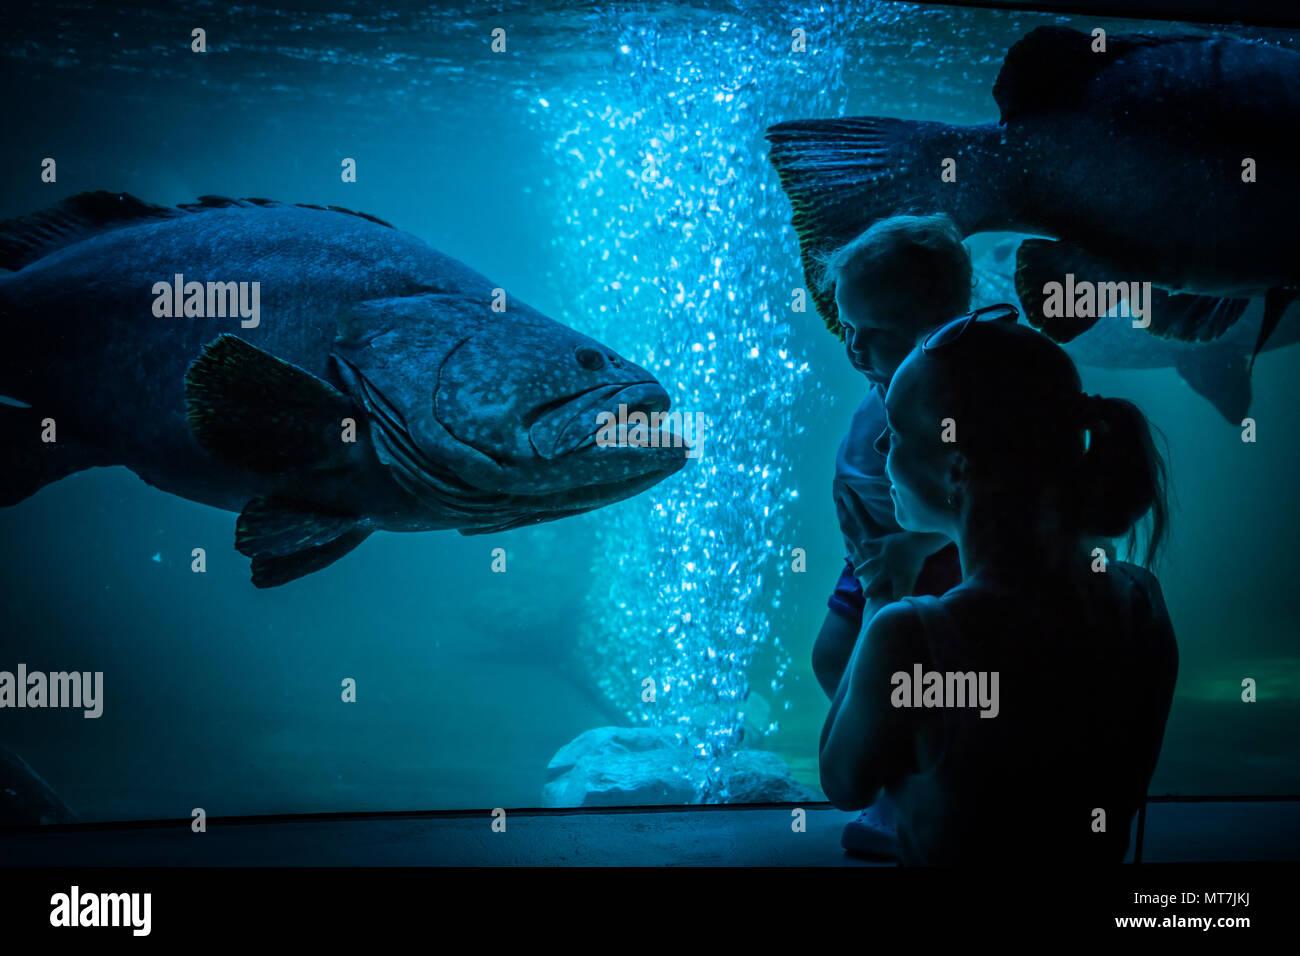 Mother child family leisure activities in public aquarium - Stock Image